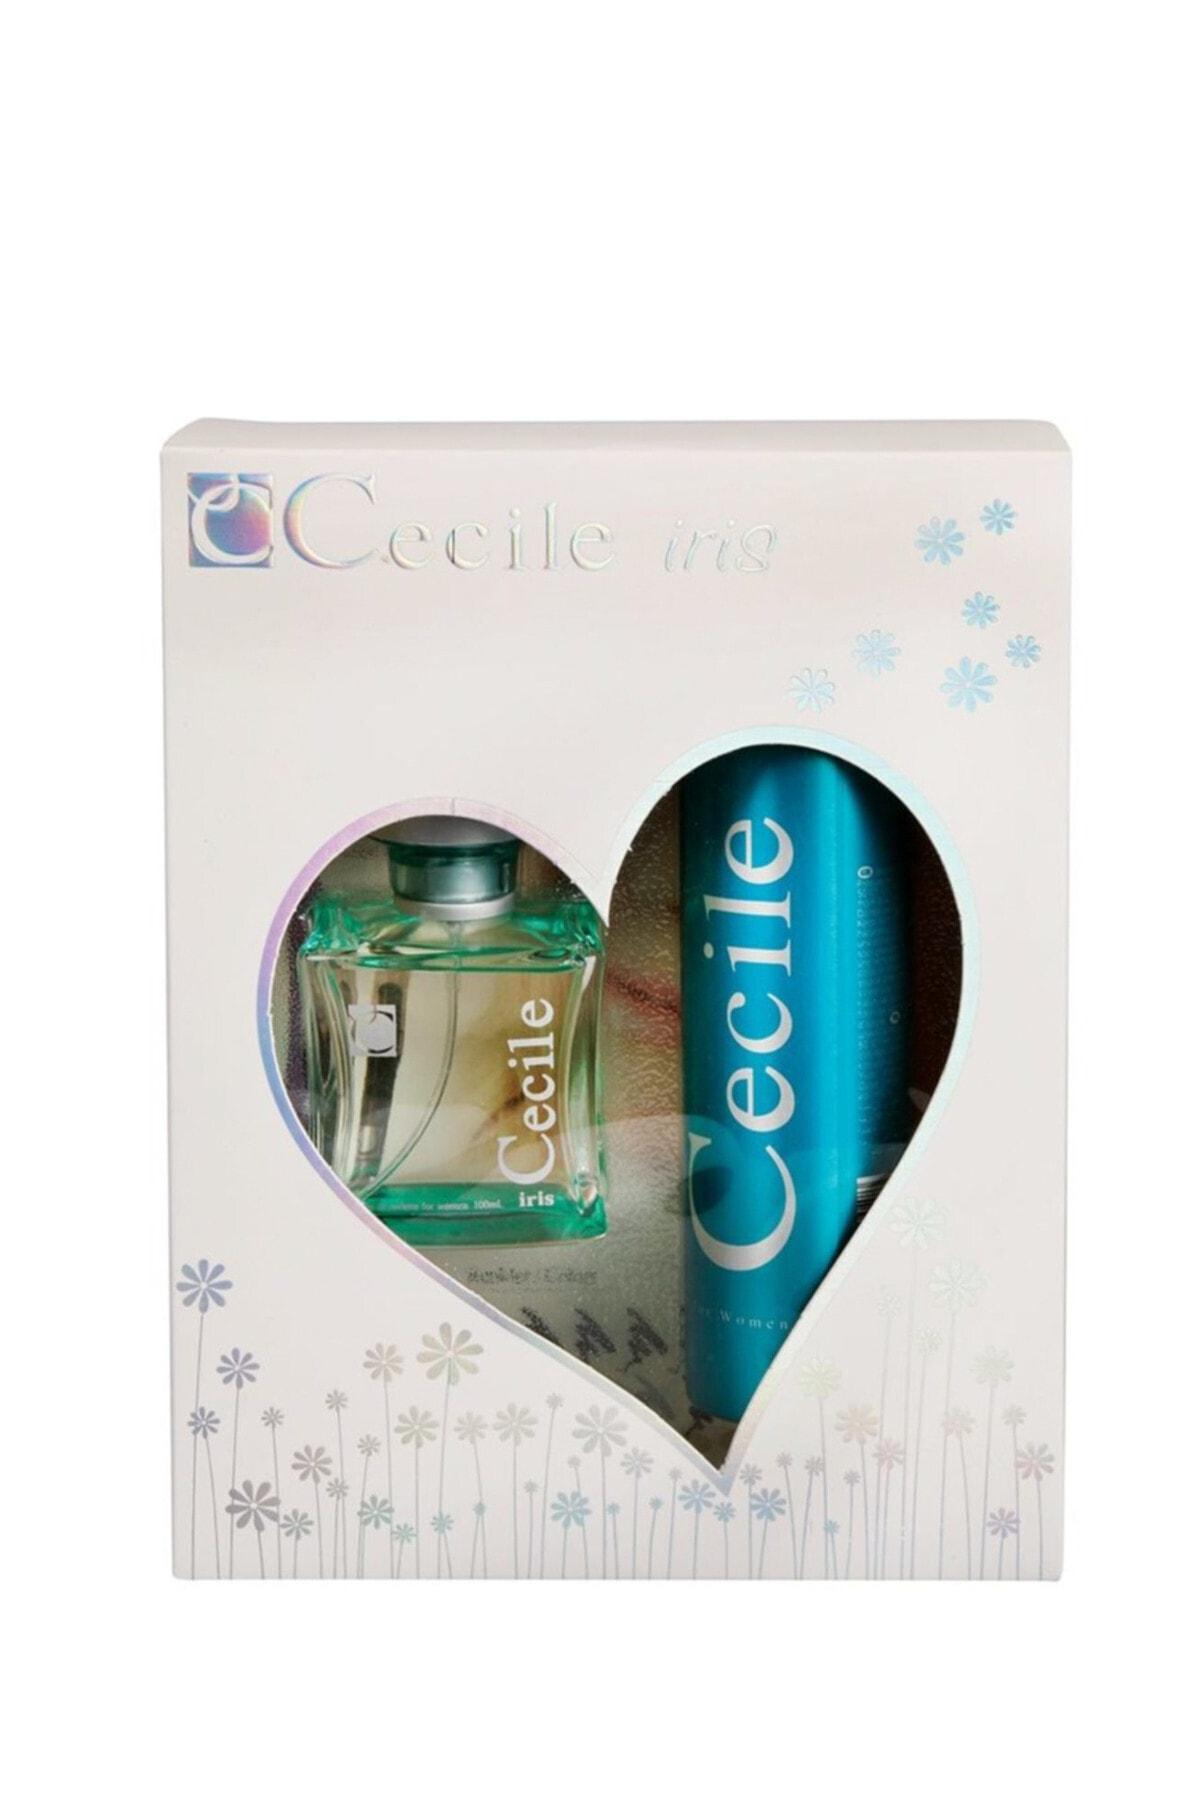 Cecile Iris Kadın Edt 100 ml Deodorant 150 ml Kadın Parfüm Seti 8698438201049 1